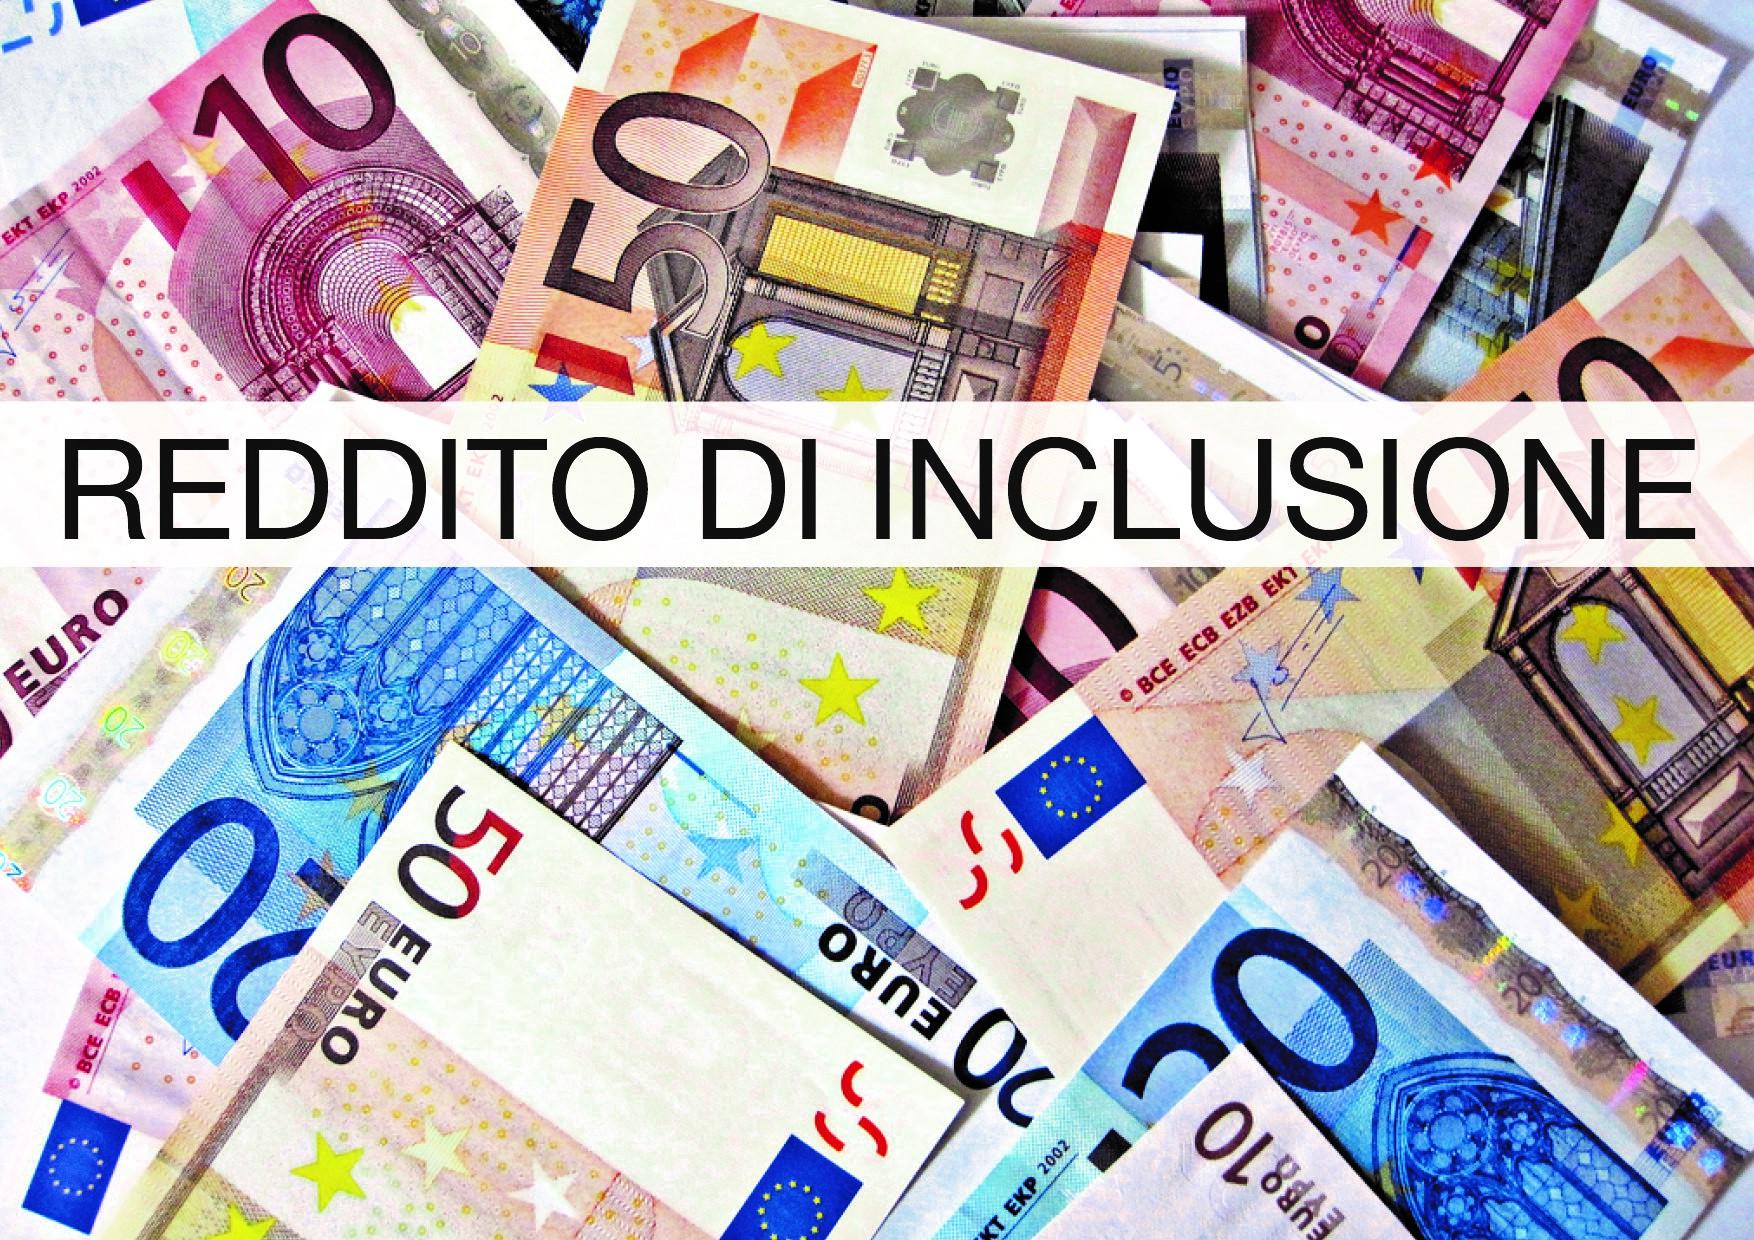 Reddito di inclusione | Extrabanca